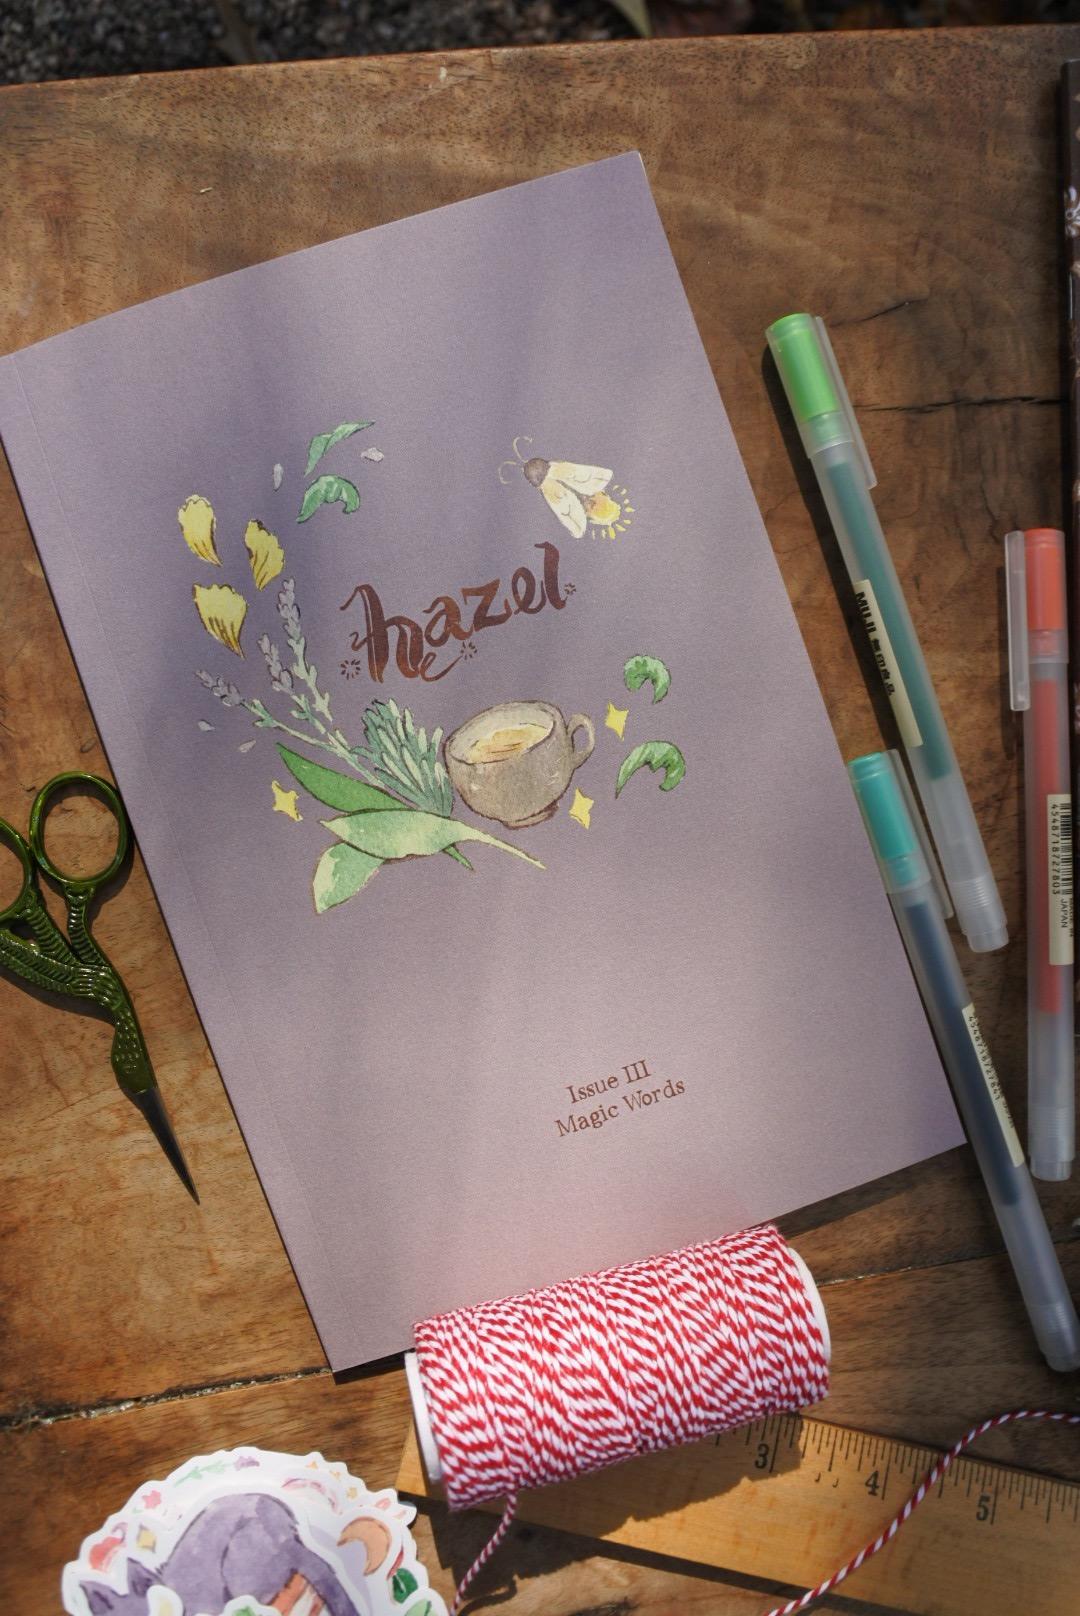 Hazel Issue III: Magic Words